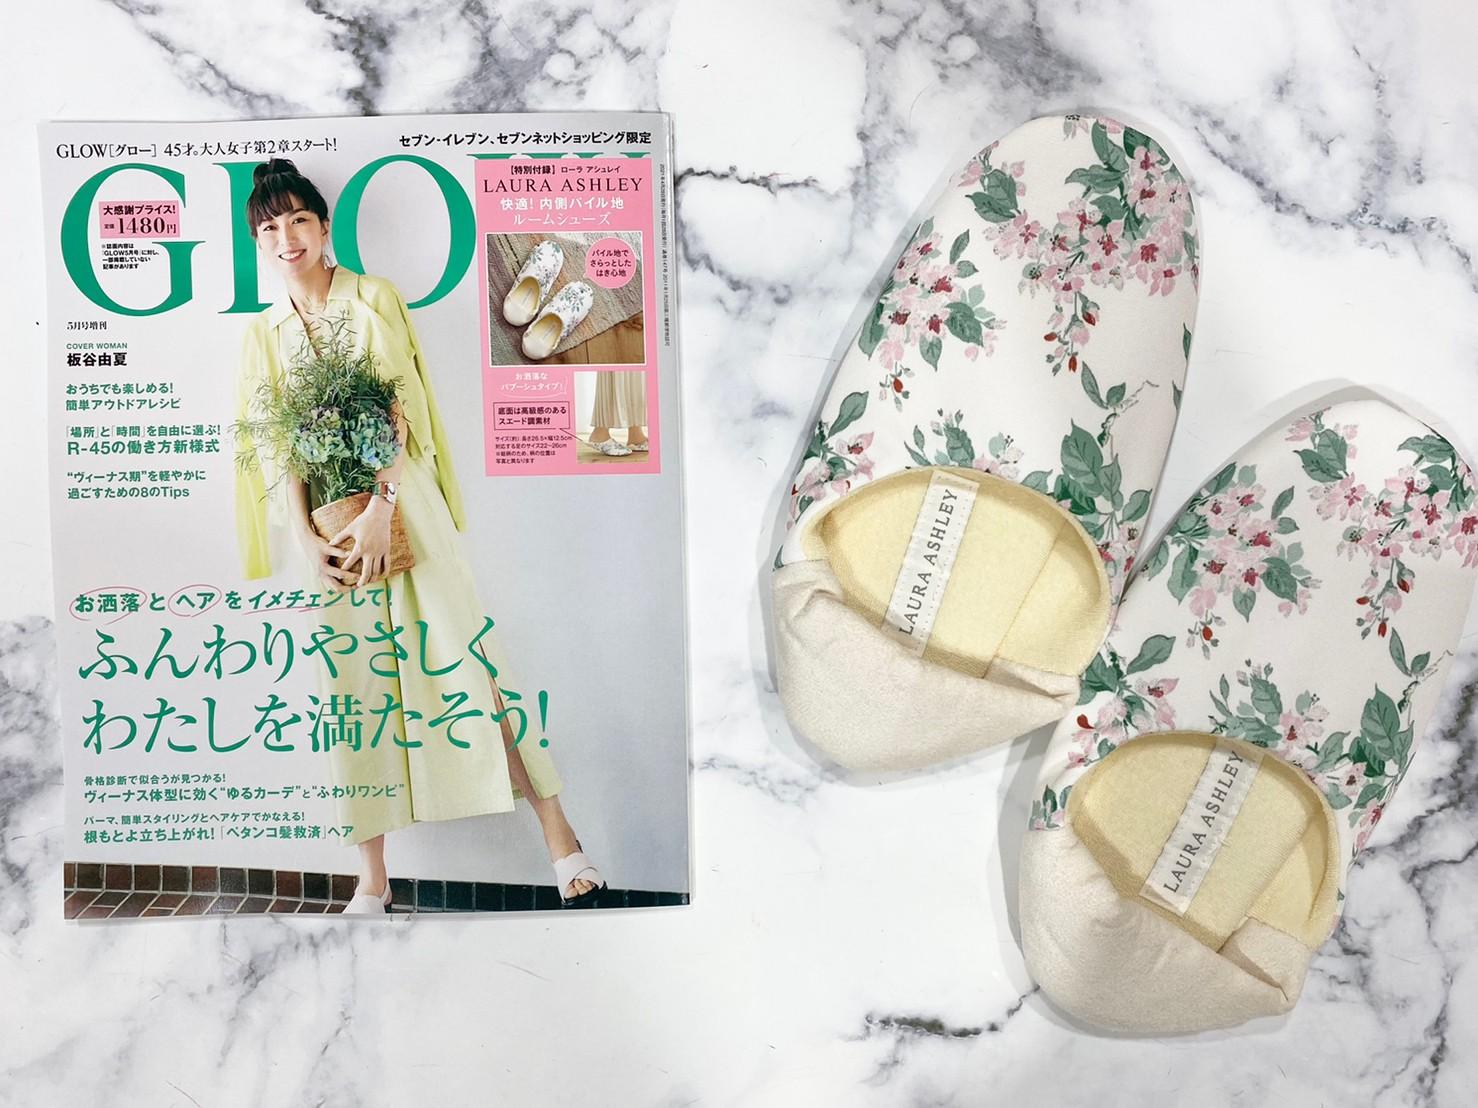 GLOW×増刊号と付録画像